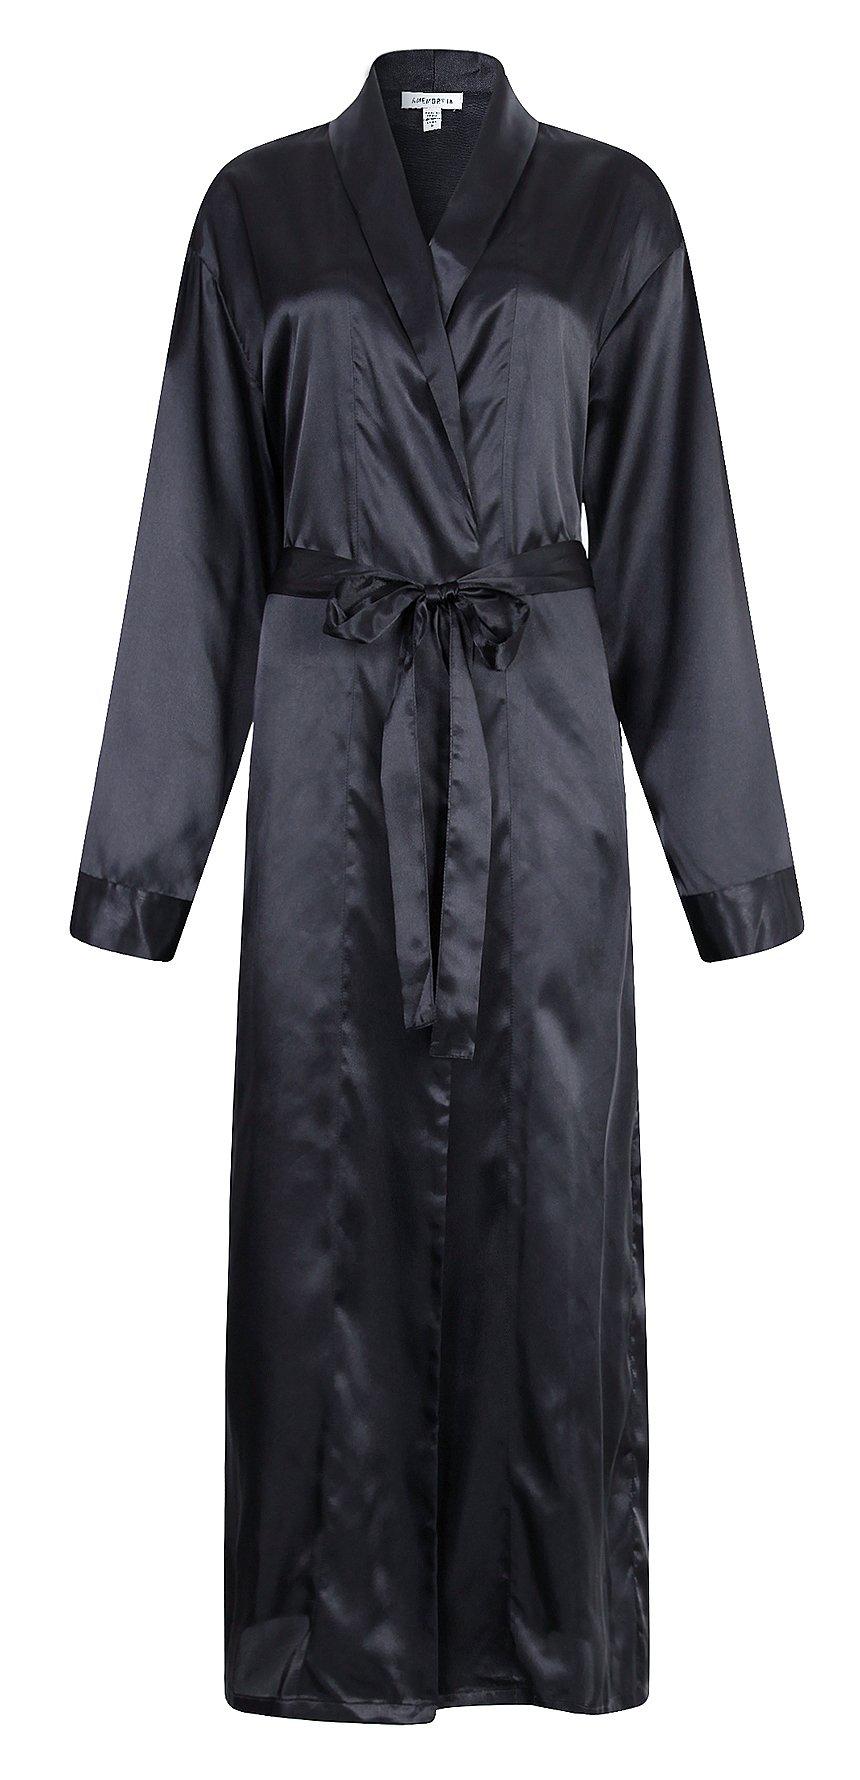 Richie House Men's Satin Robe Bathrobe RHM2840-A-L